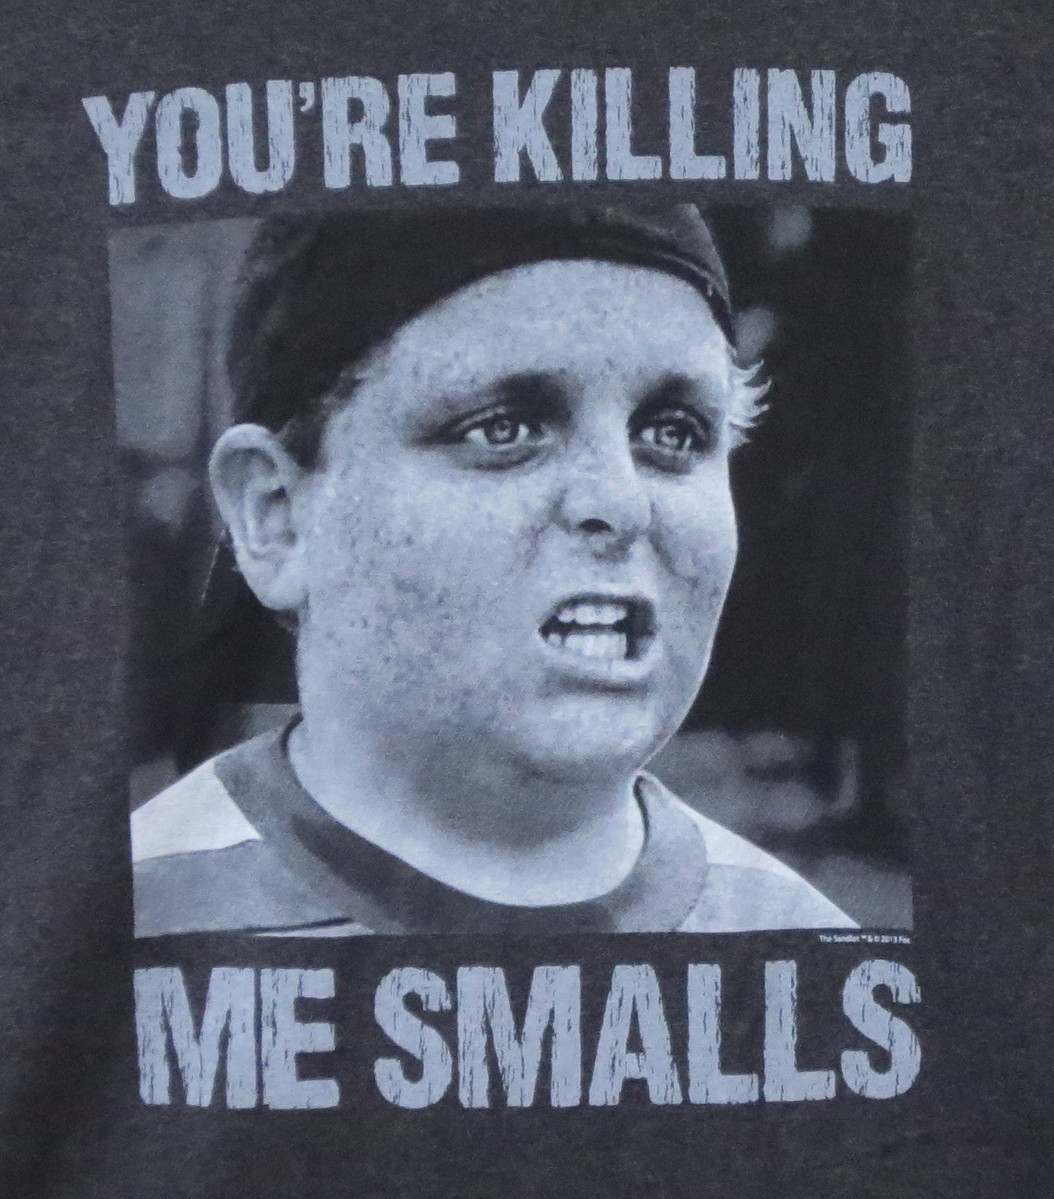 b625527b6 The Sandlot You're Killing Me Smalls T-Shirt. Loading zoom